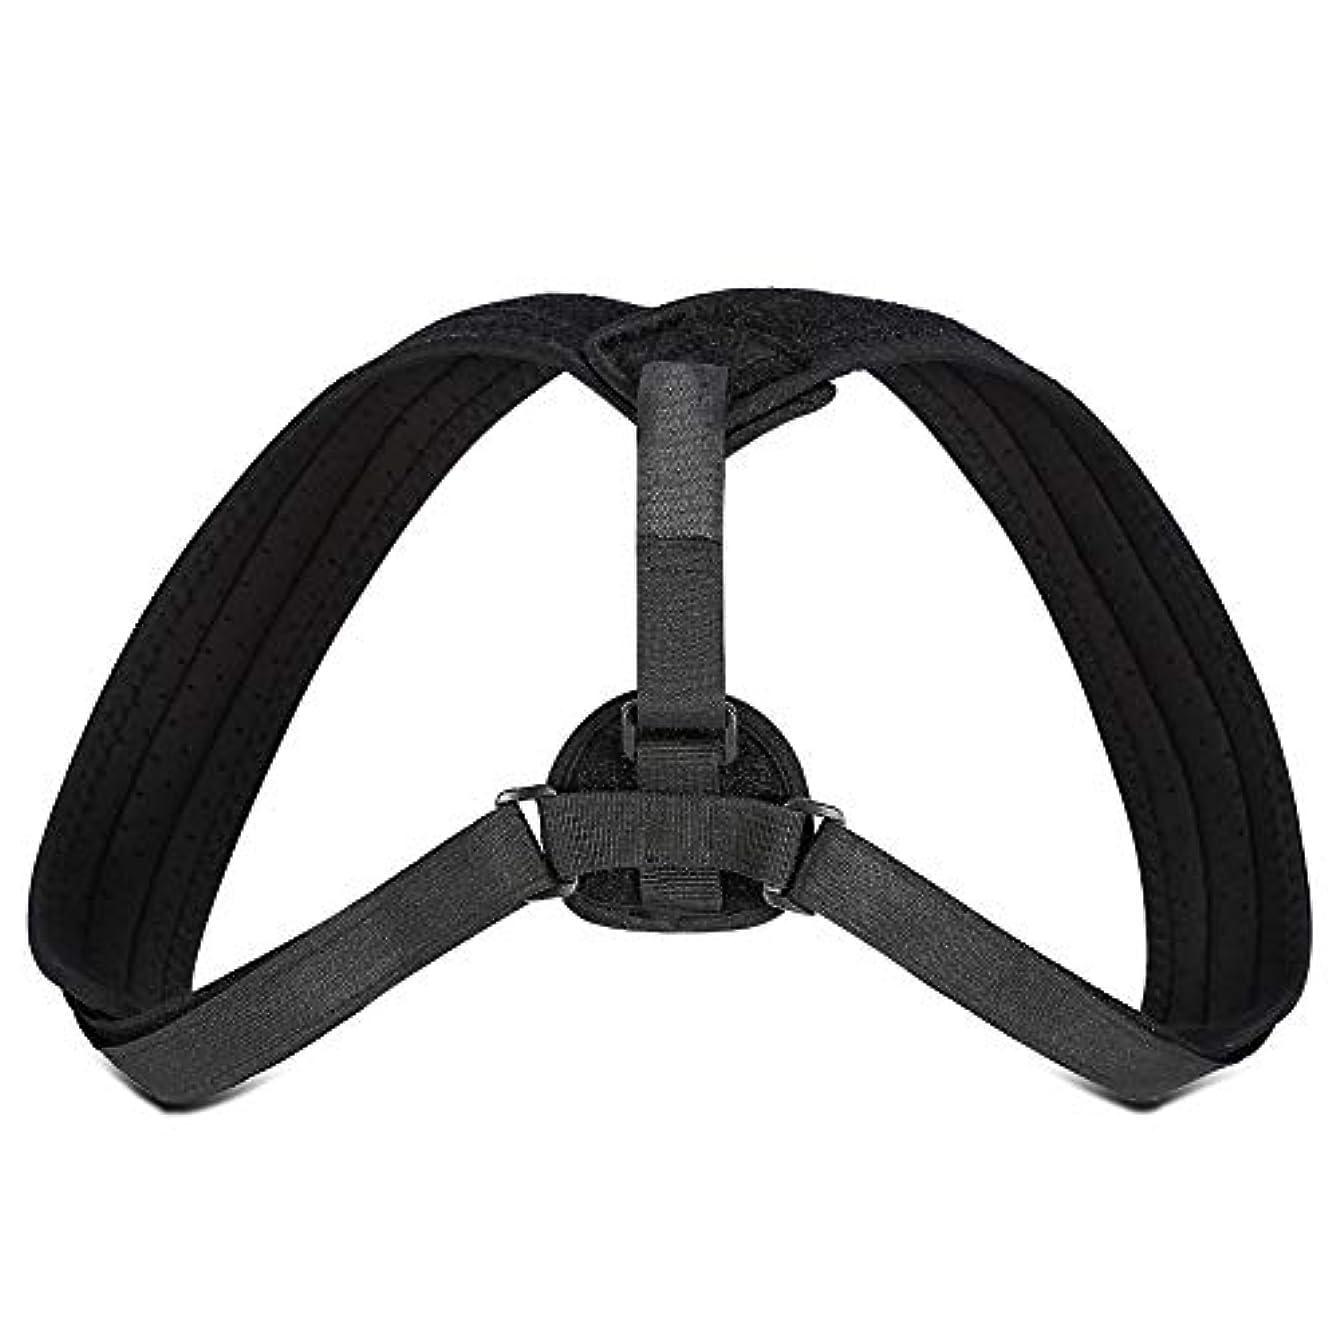 集めるリールテスピアンYosoo Posture Corrector - ブレースアッパーバックネックショルダーサポートアジャスタブルストラップ、肩の体位補正、整形外科用こぶの緩和のための包帯矯正、ティーン用